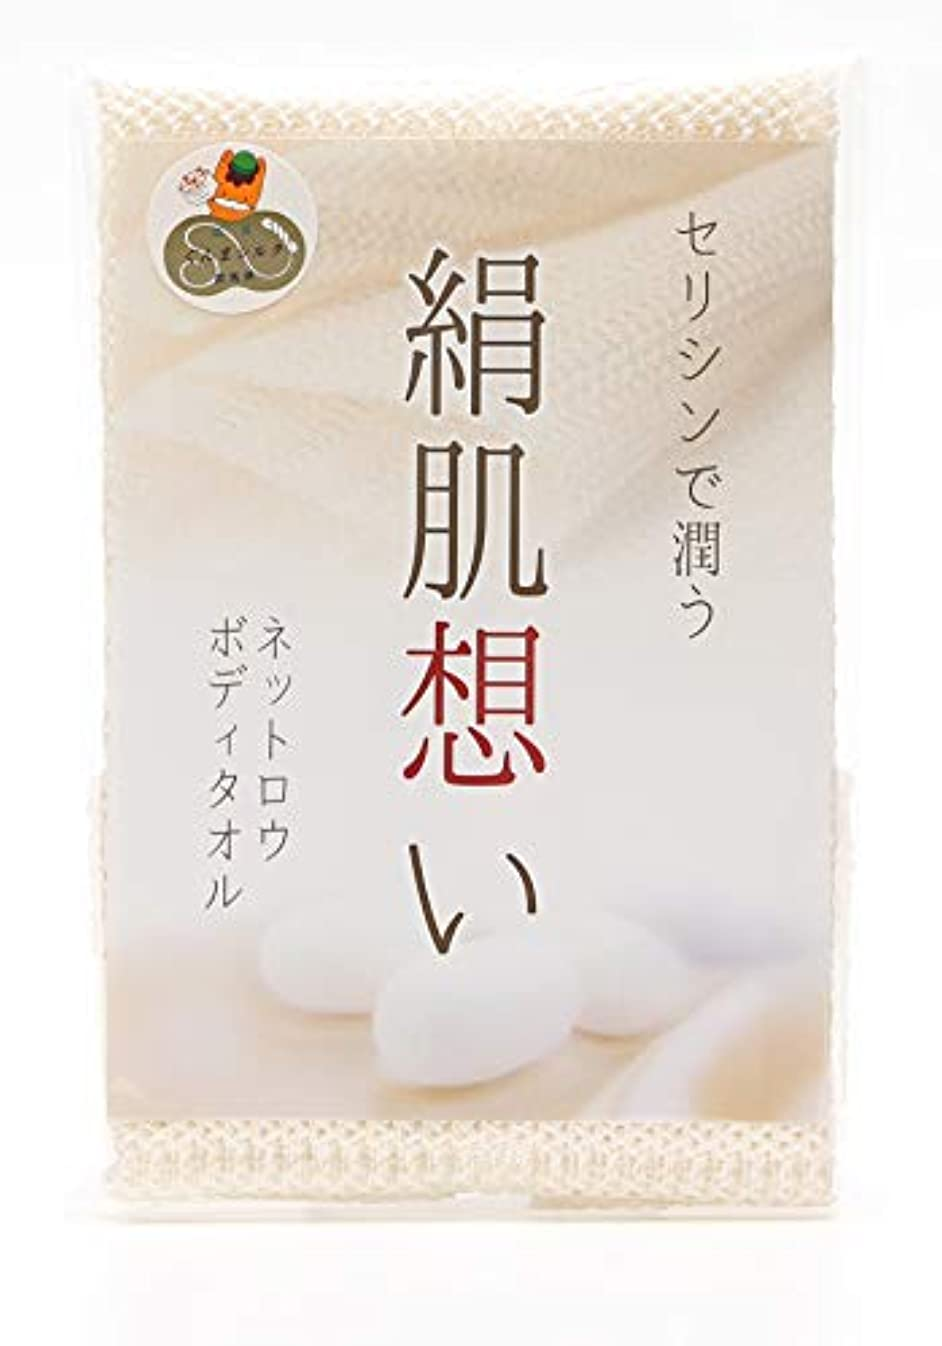 不注意怪物かかわらず[ハッピーシルク] シルクボディータオル 「絹肌想い 」浴用ボディタオル セリシンで潤う シルク100% ネットロウ